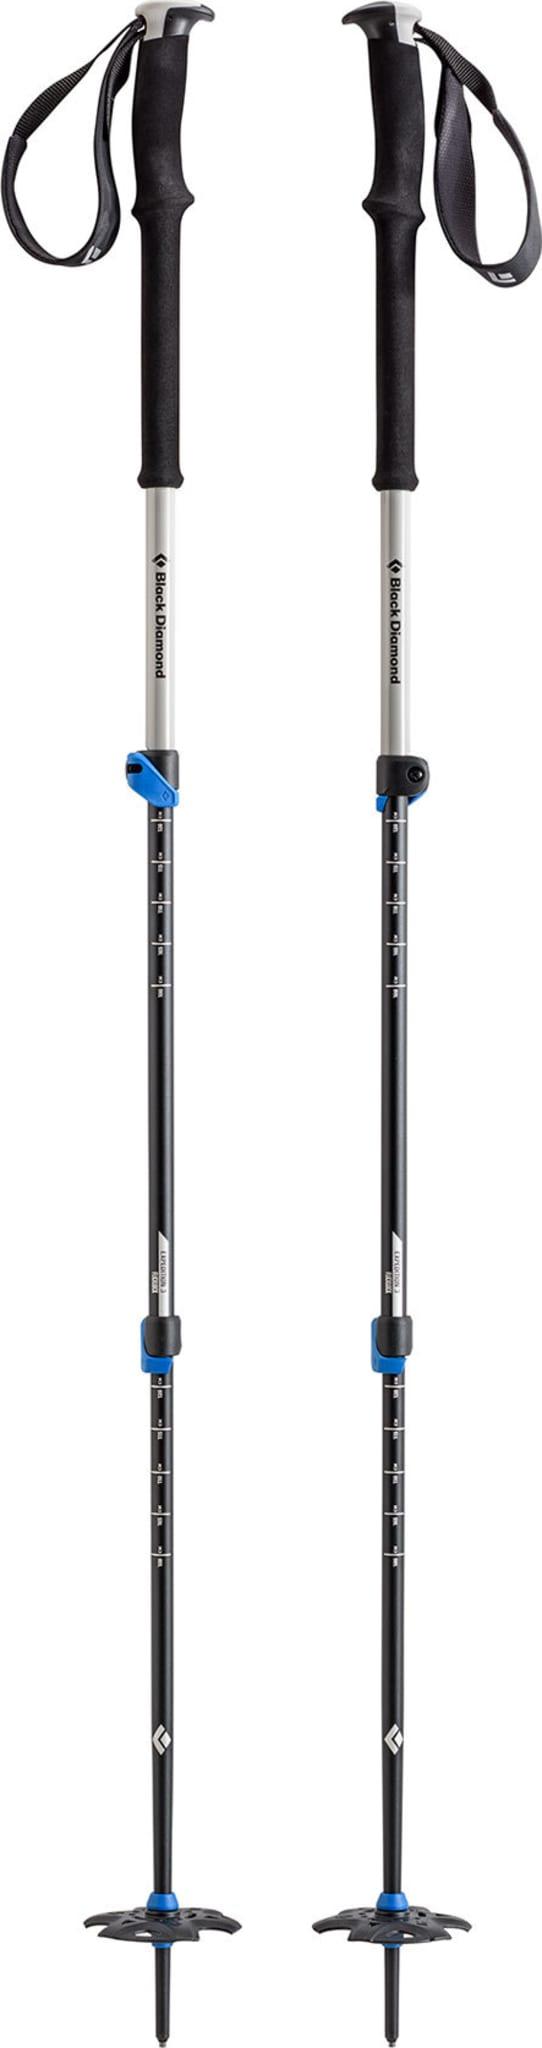 Tredelt teleskopstav for ski og trekking